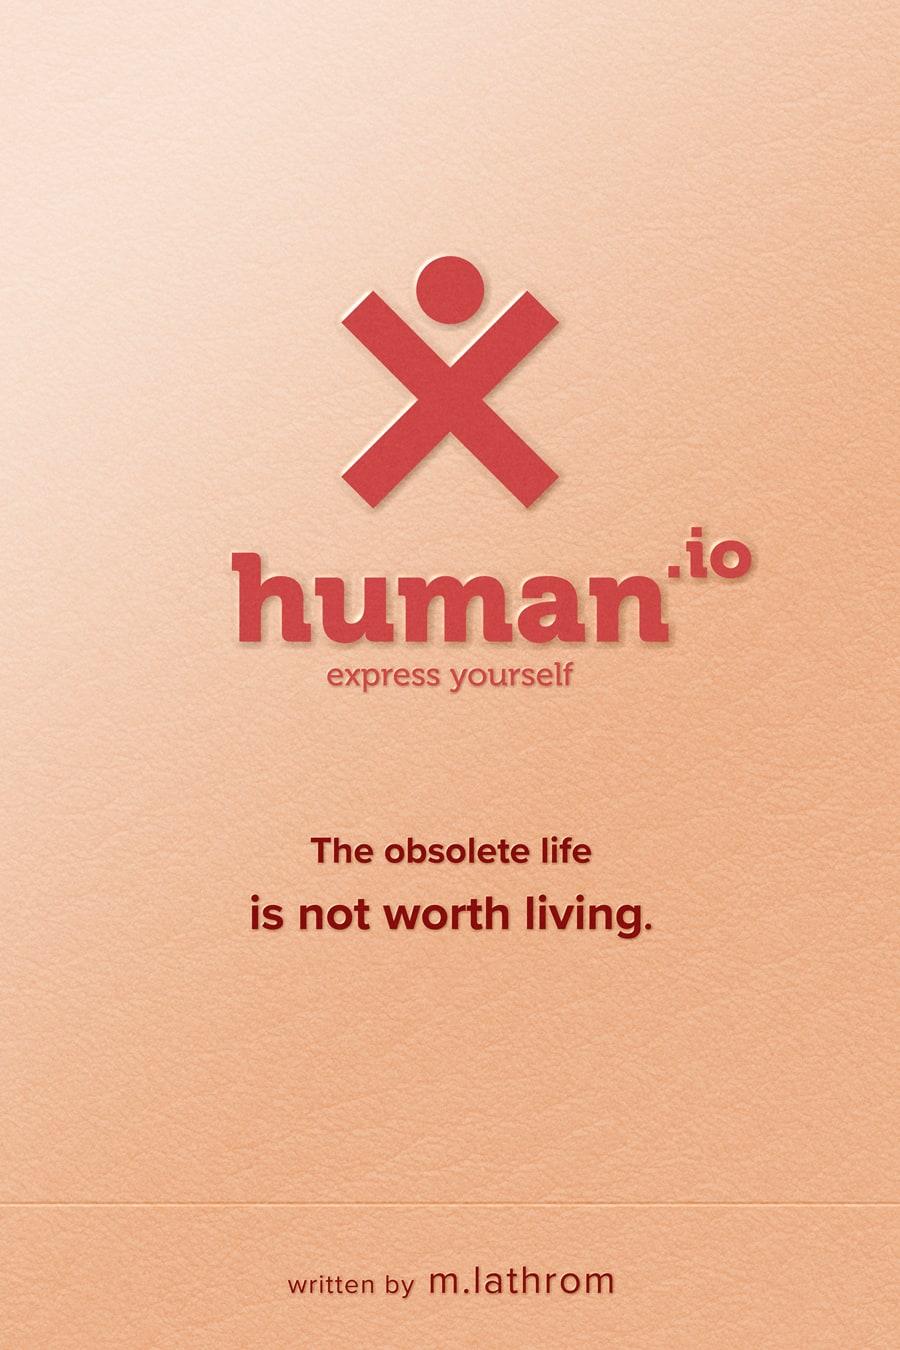 Human.io | Pale Peach Poster